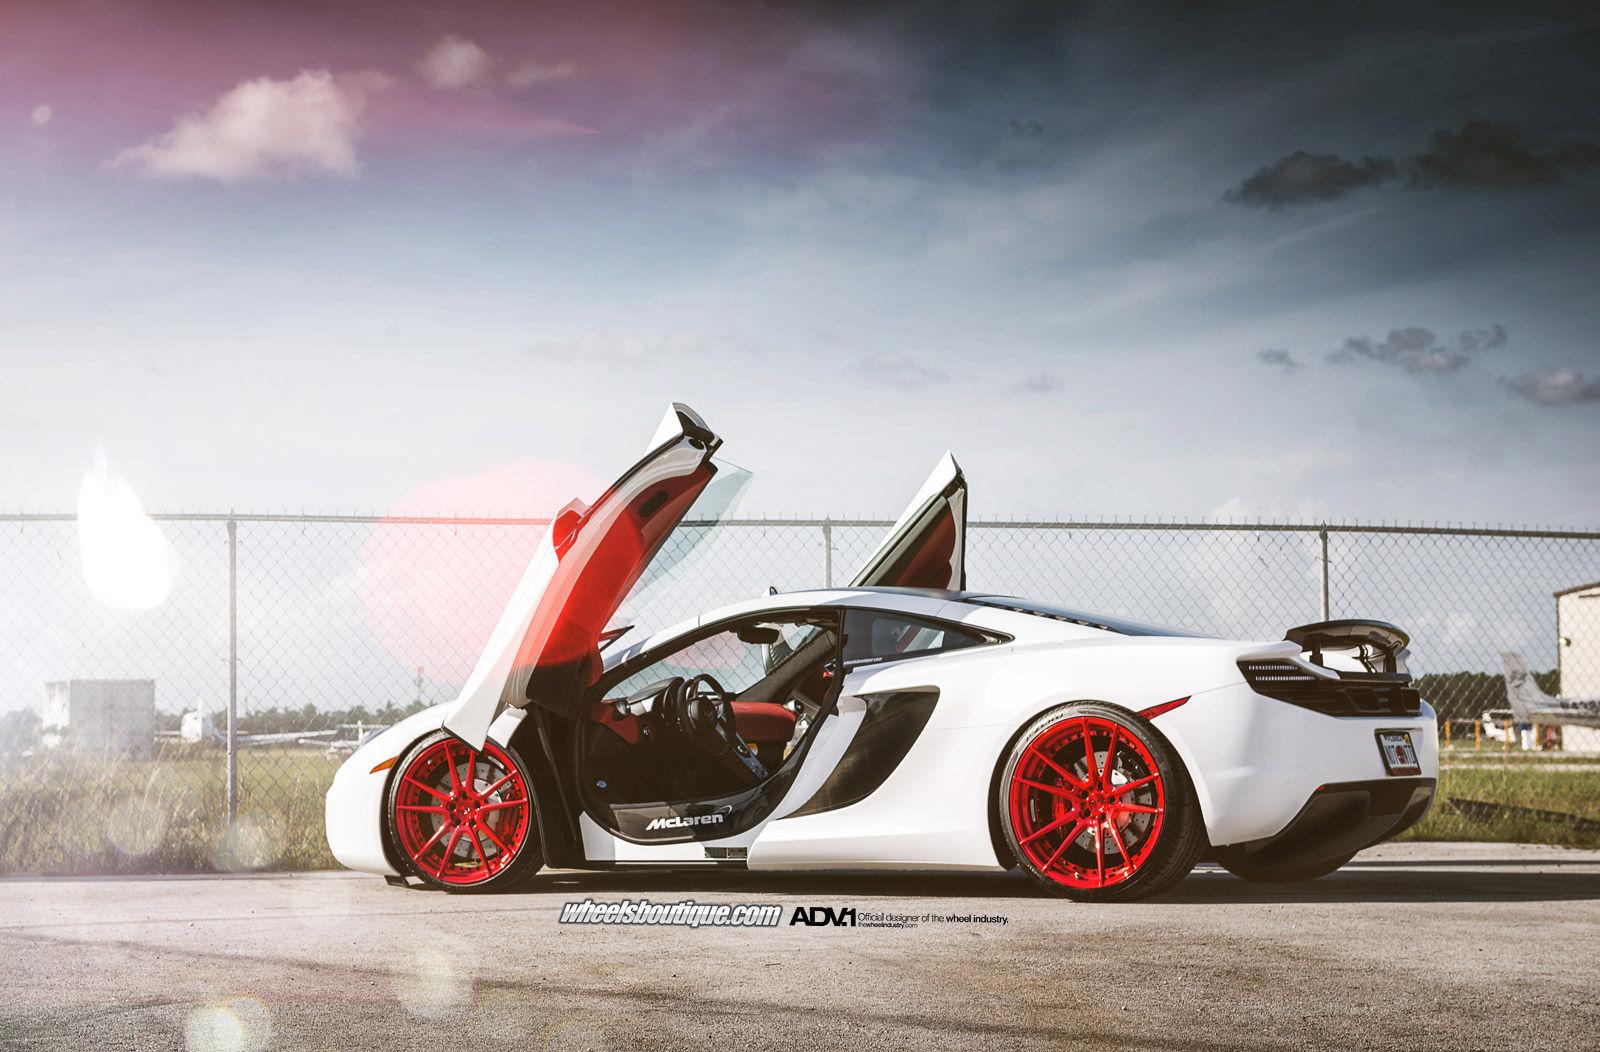 McLaren MP4-12C | ADV.1 Wheels McLaren MP4-12C